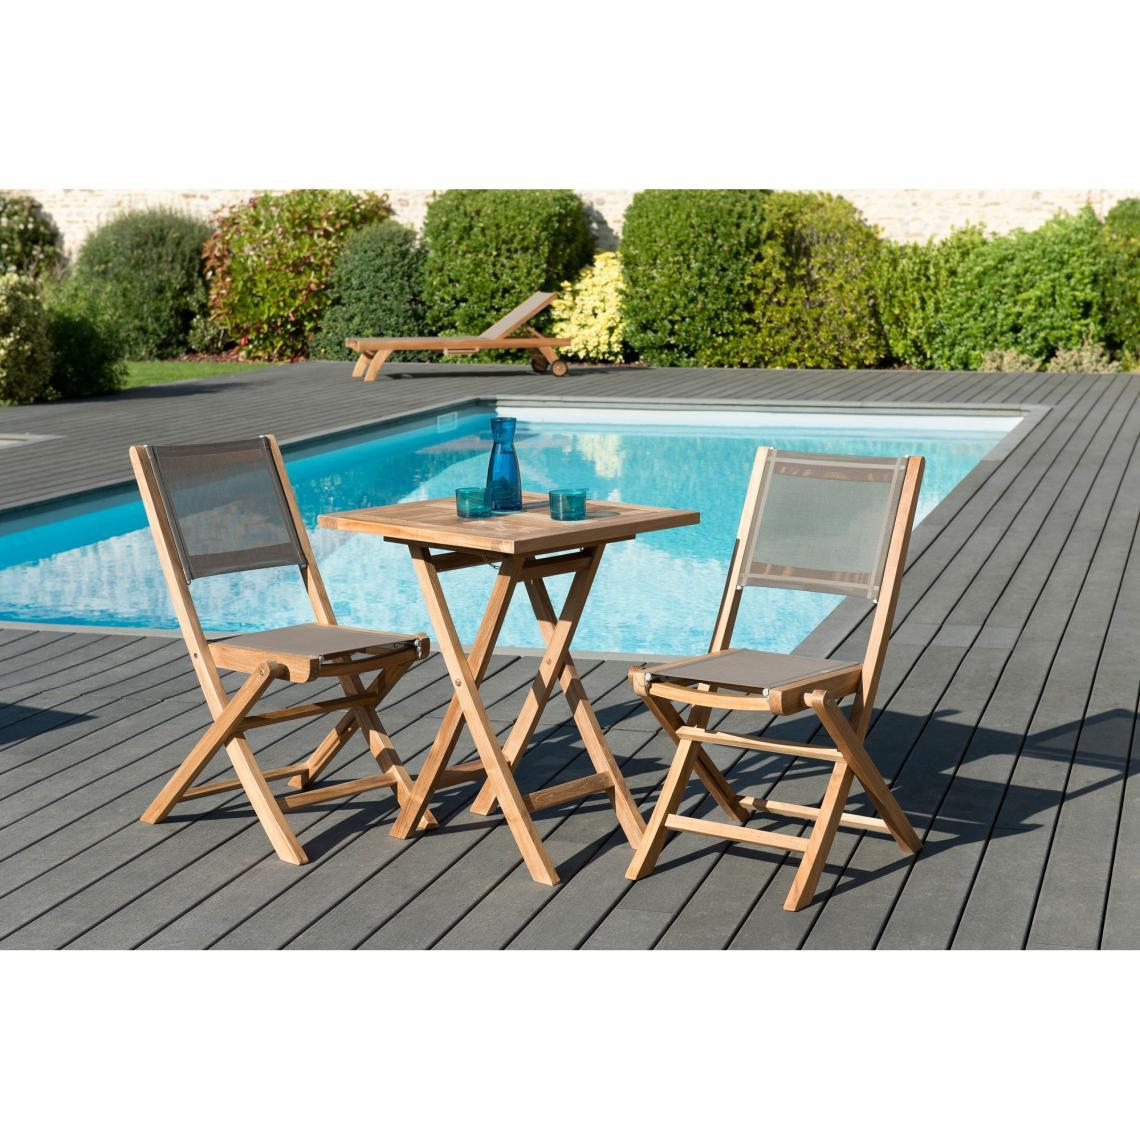 Teck pliante textile pliantes teck cm2 chaises Ensemble massif carrée en table et 60 m80wvNOn